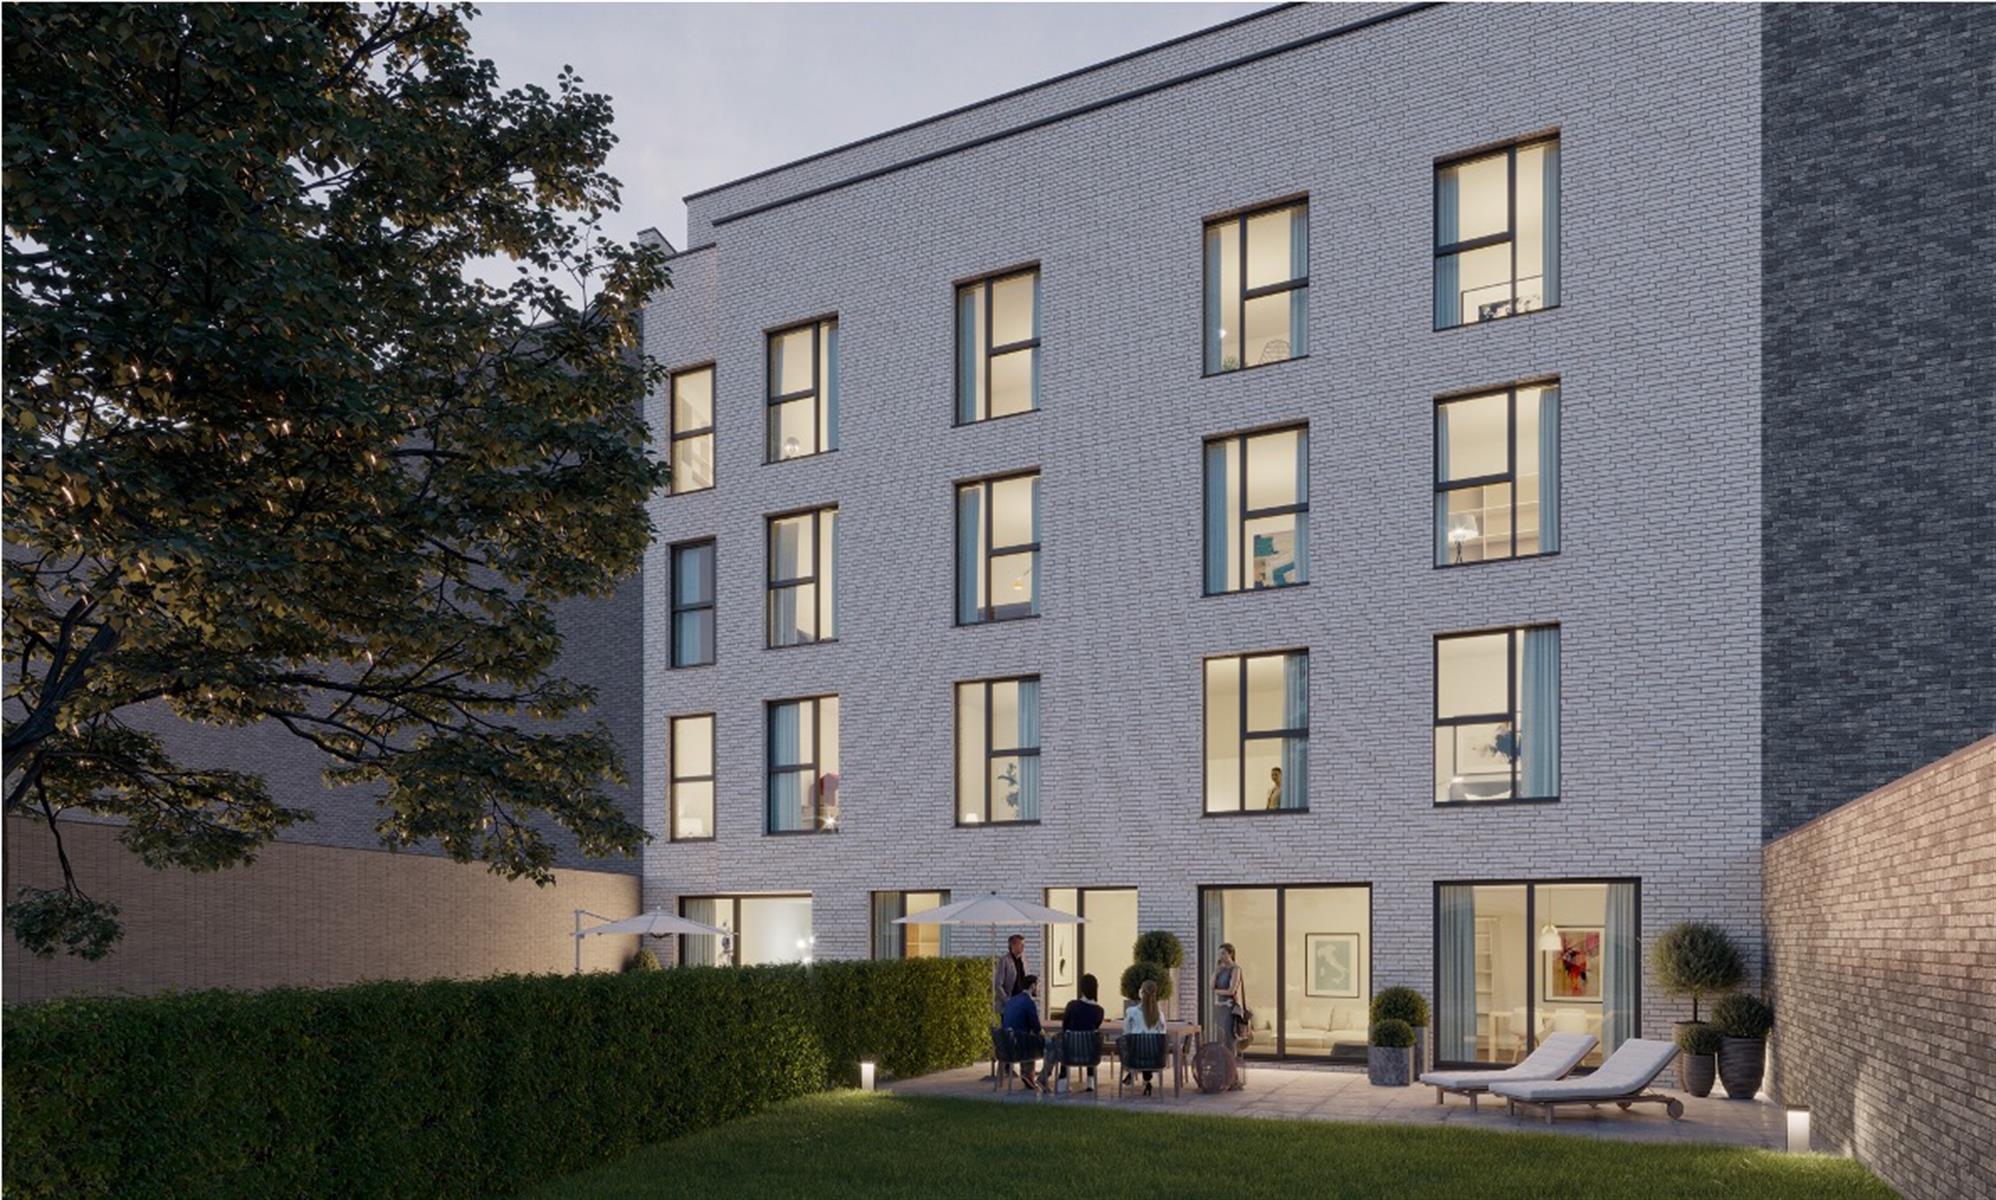 Ground floor with garden - Molenbeek-Saint-Jean - #4146203-3